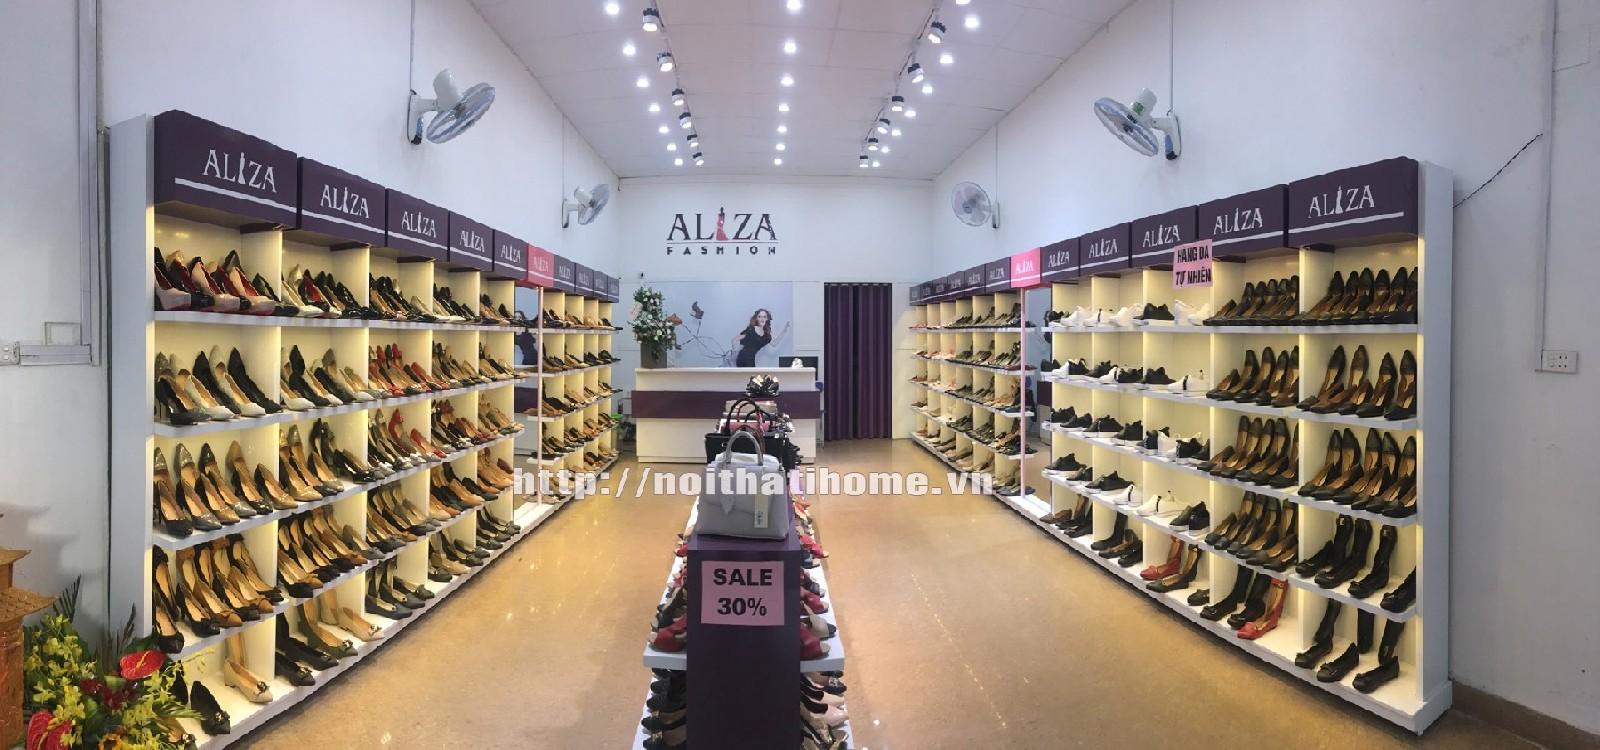 hình ảnh Thiết kế shop giày ALIZA - 199 Trần Nguyên Hãn - Hải Phòng